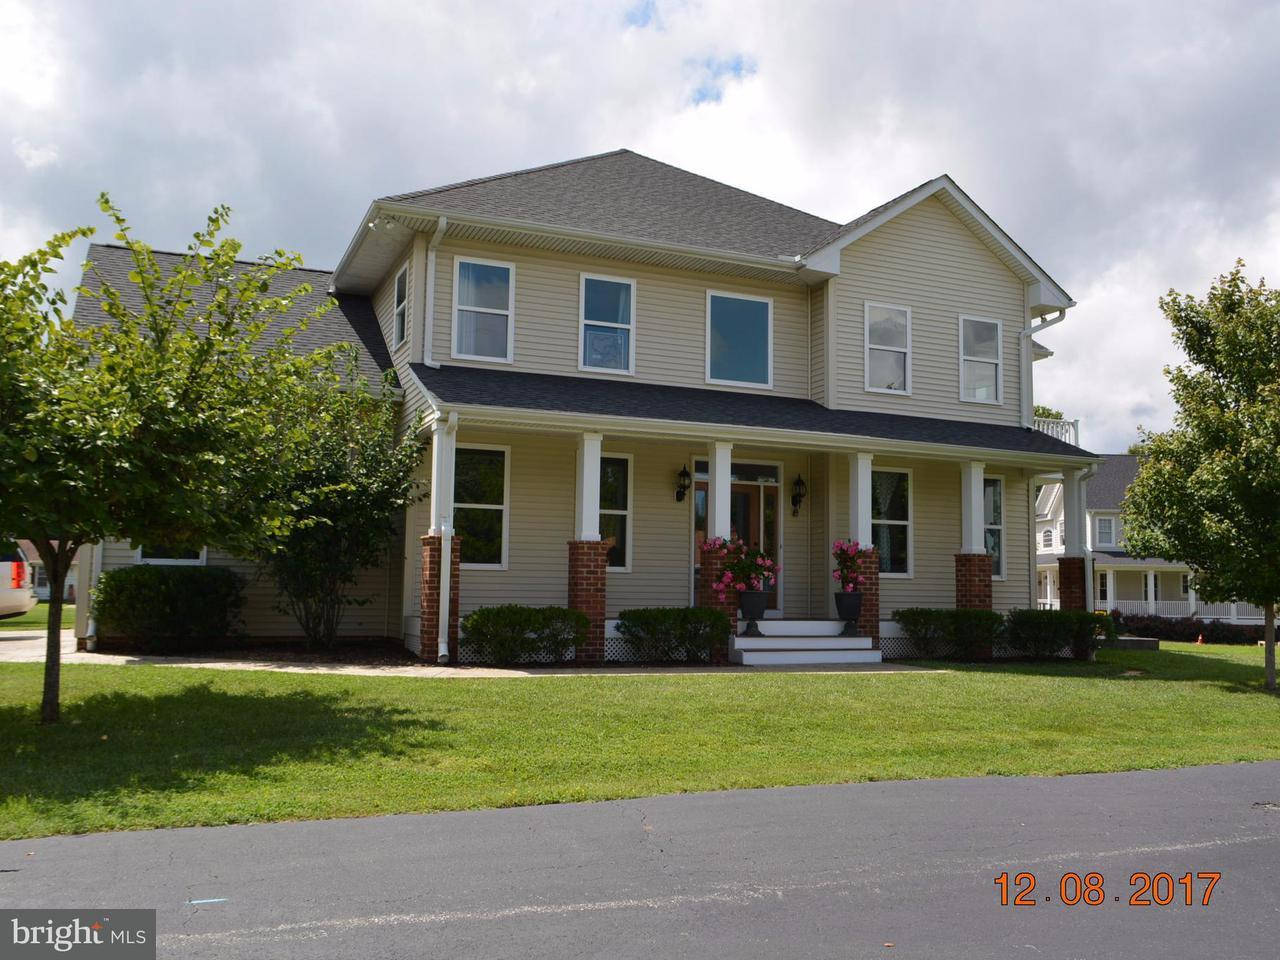 一戸建て のために 売買 アット 194 Langley Lane 194 Langley Lane Solomons, メリーランド 20688 アメリカ合衆国